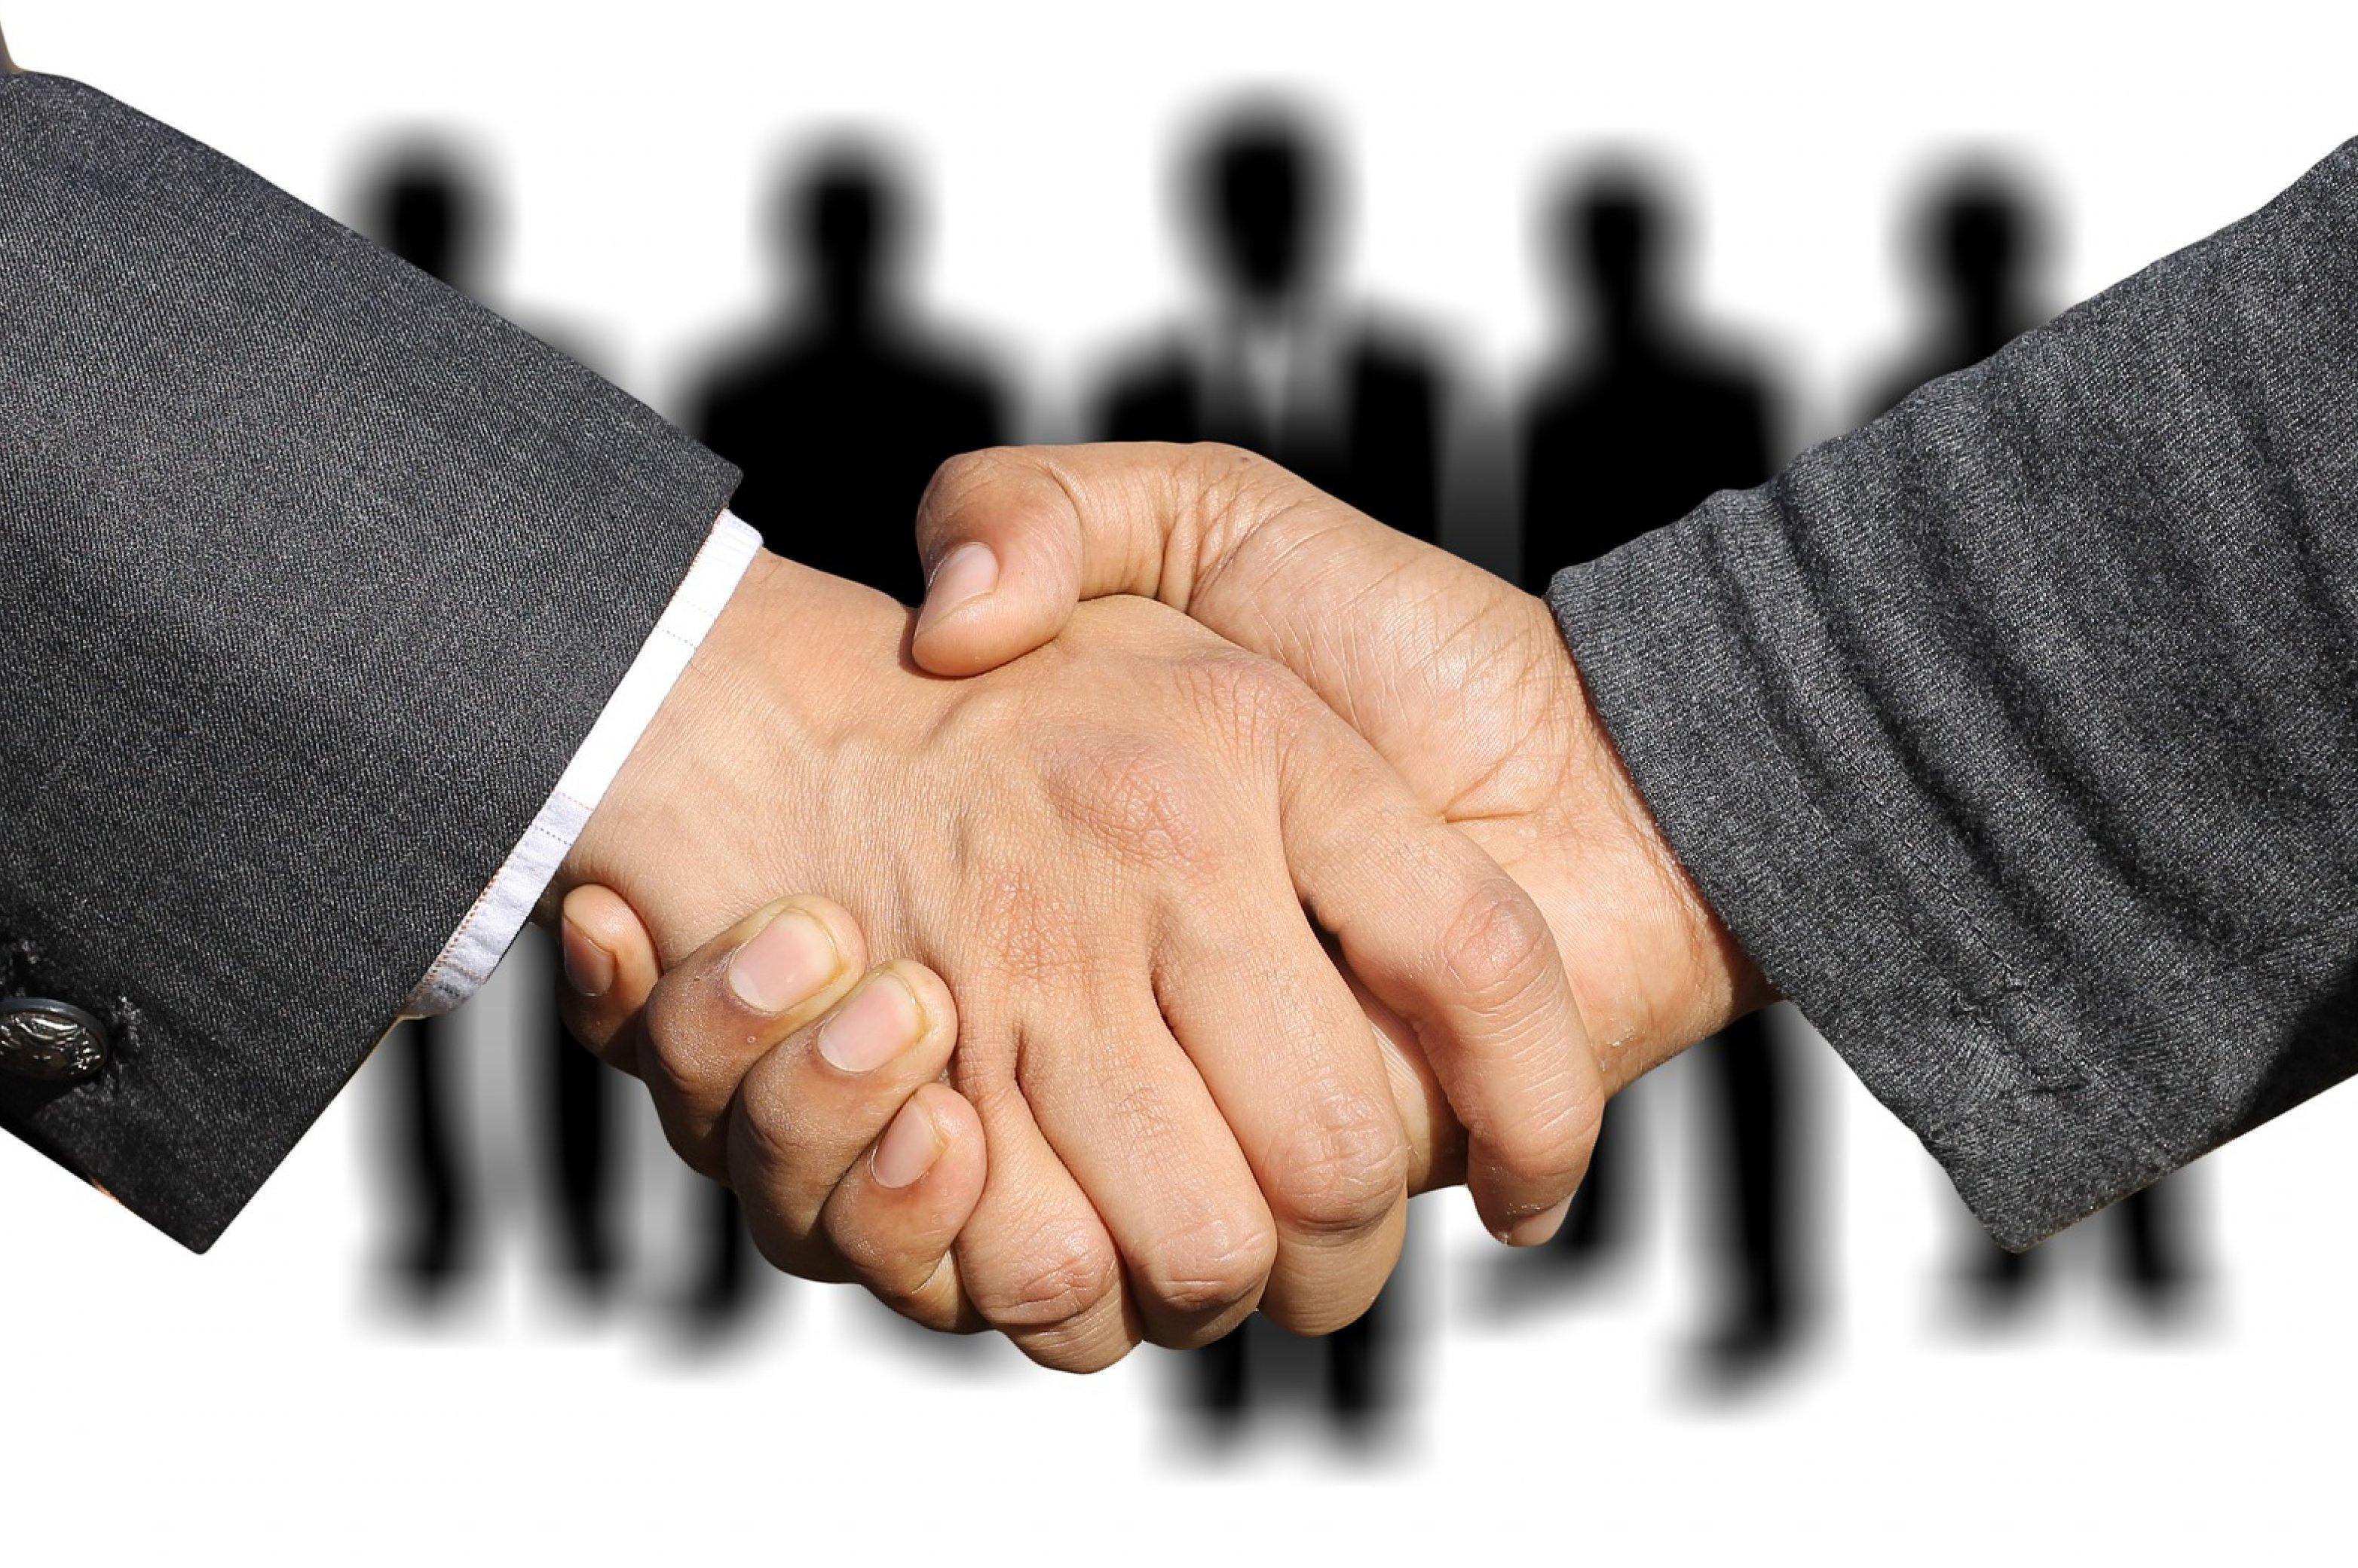 Bewerbung auf Job, Begrüßung, Handschlag